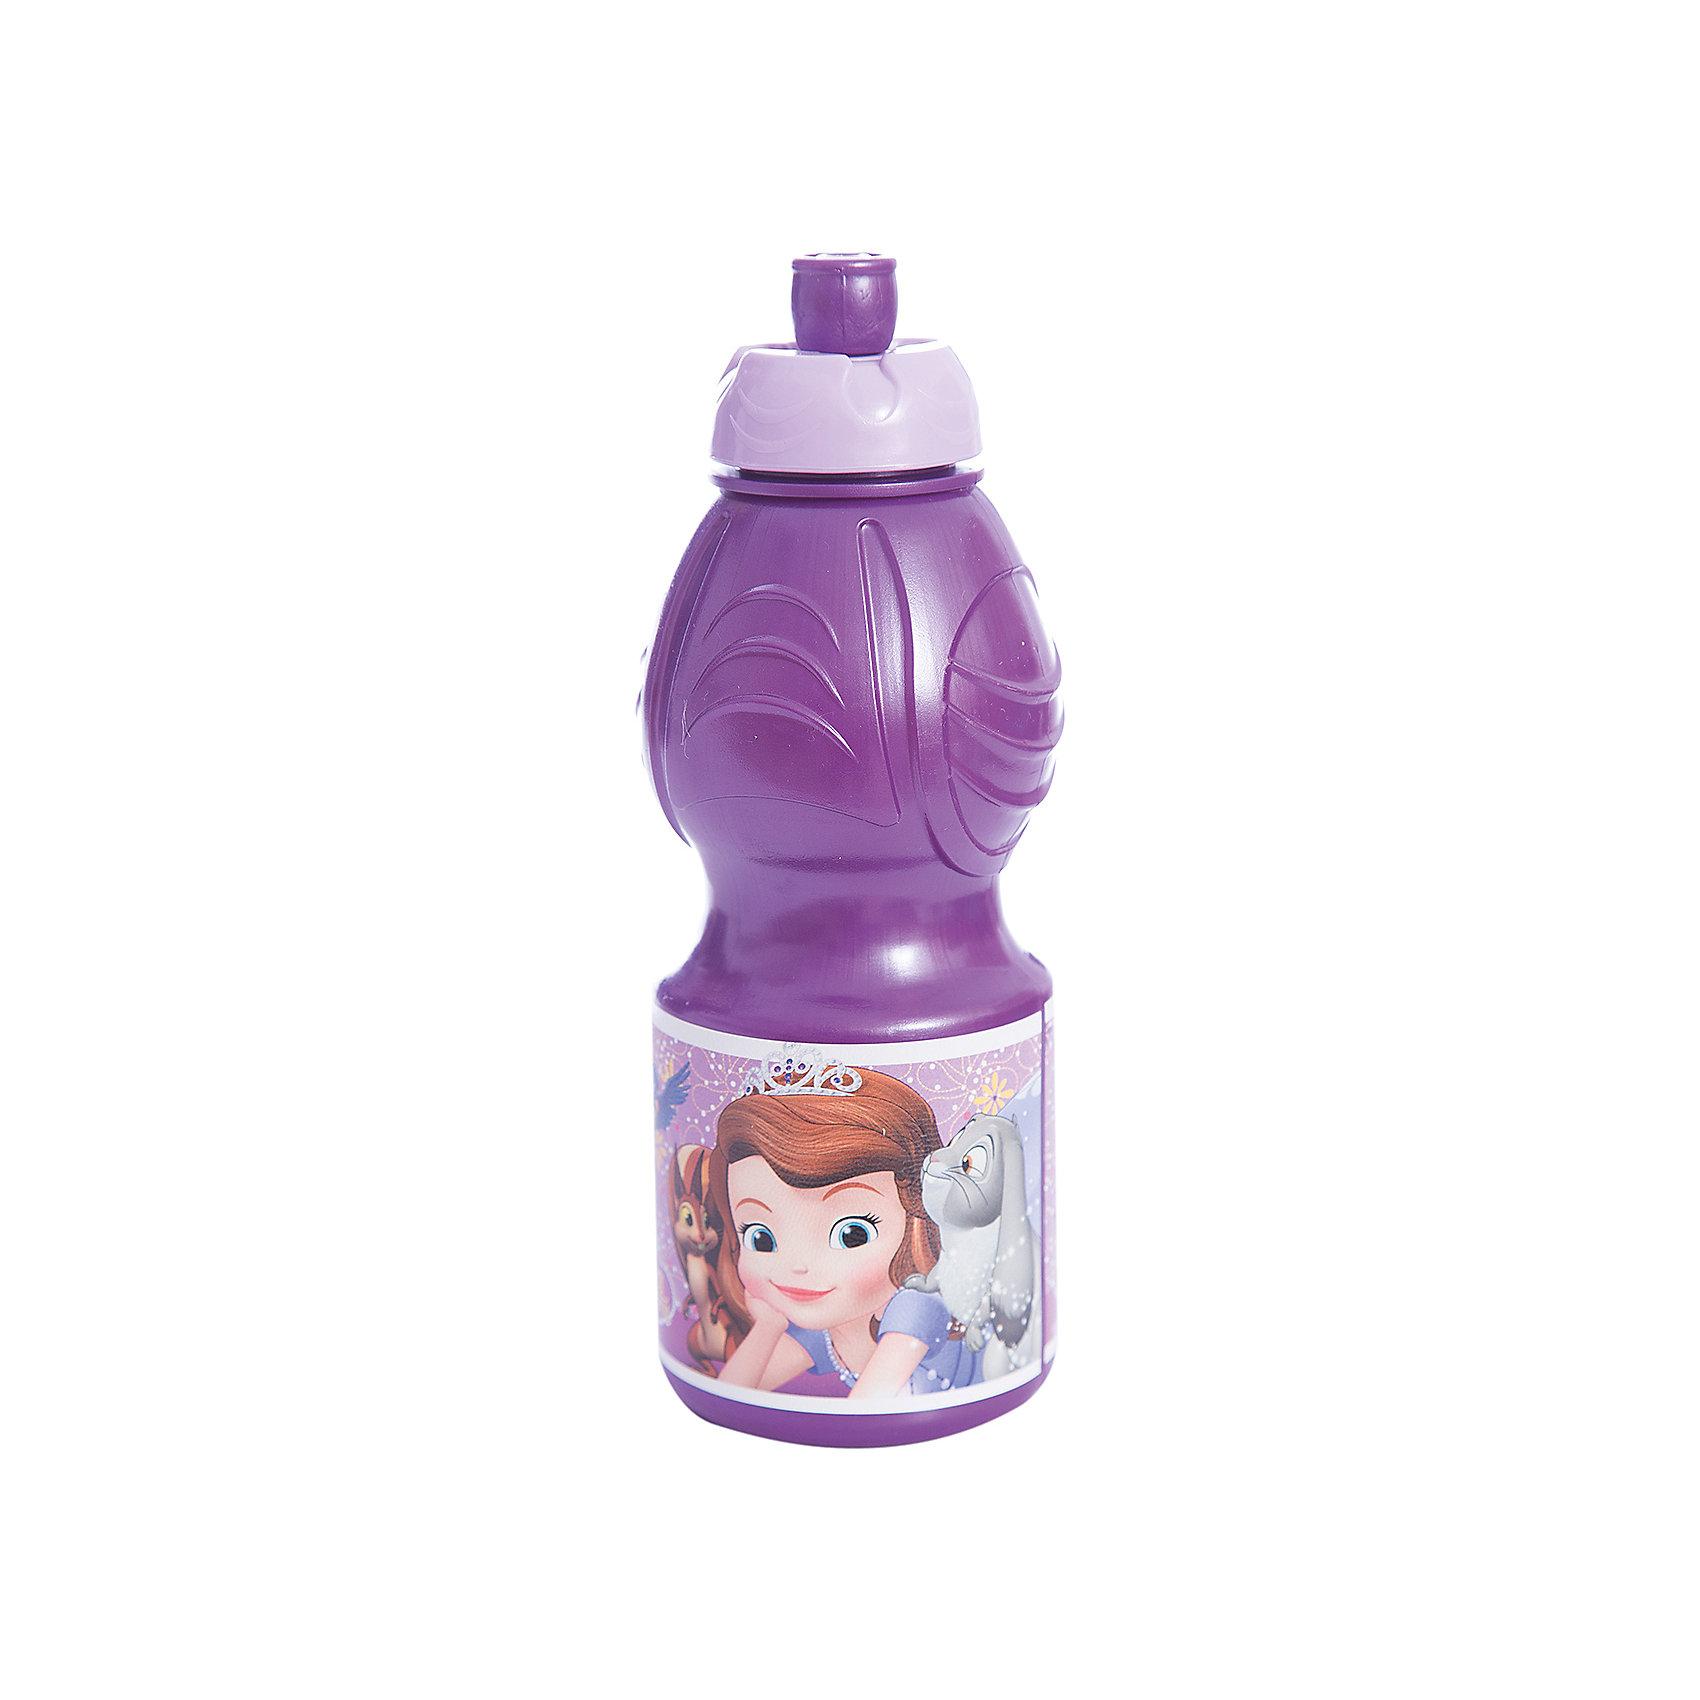 Бутылка пластиковая 400 мл., Принцесса СофияБутылки для воды и бутербродницы<br>Спортивная бутылочка для холодных жидкостей из пищевого пластика с изображением любимого персонажа, объем 400 мл.<br><br>Ширина мм: 65<br>Глубина мм: 65<br>Высота мм: 180<br>Вес г: 52<br>Возраст от месяцев: 36<br>Возраст до месяцев: 2147483647<br>Пол: Унисекс<br>Возраст: Детский<br>SKU: 7010321